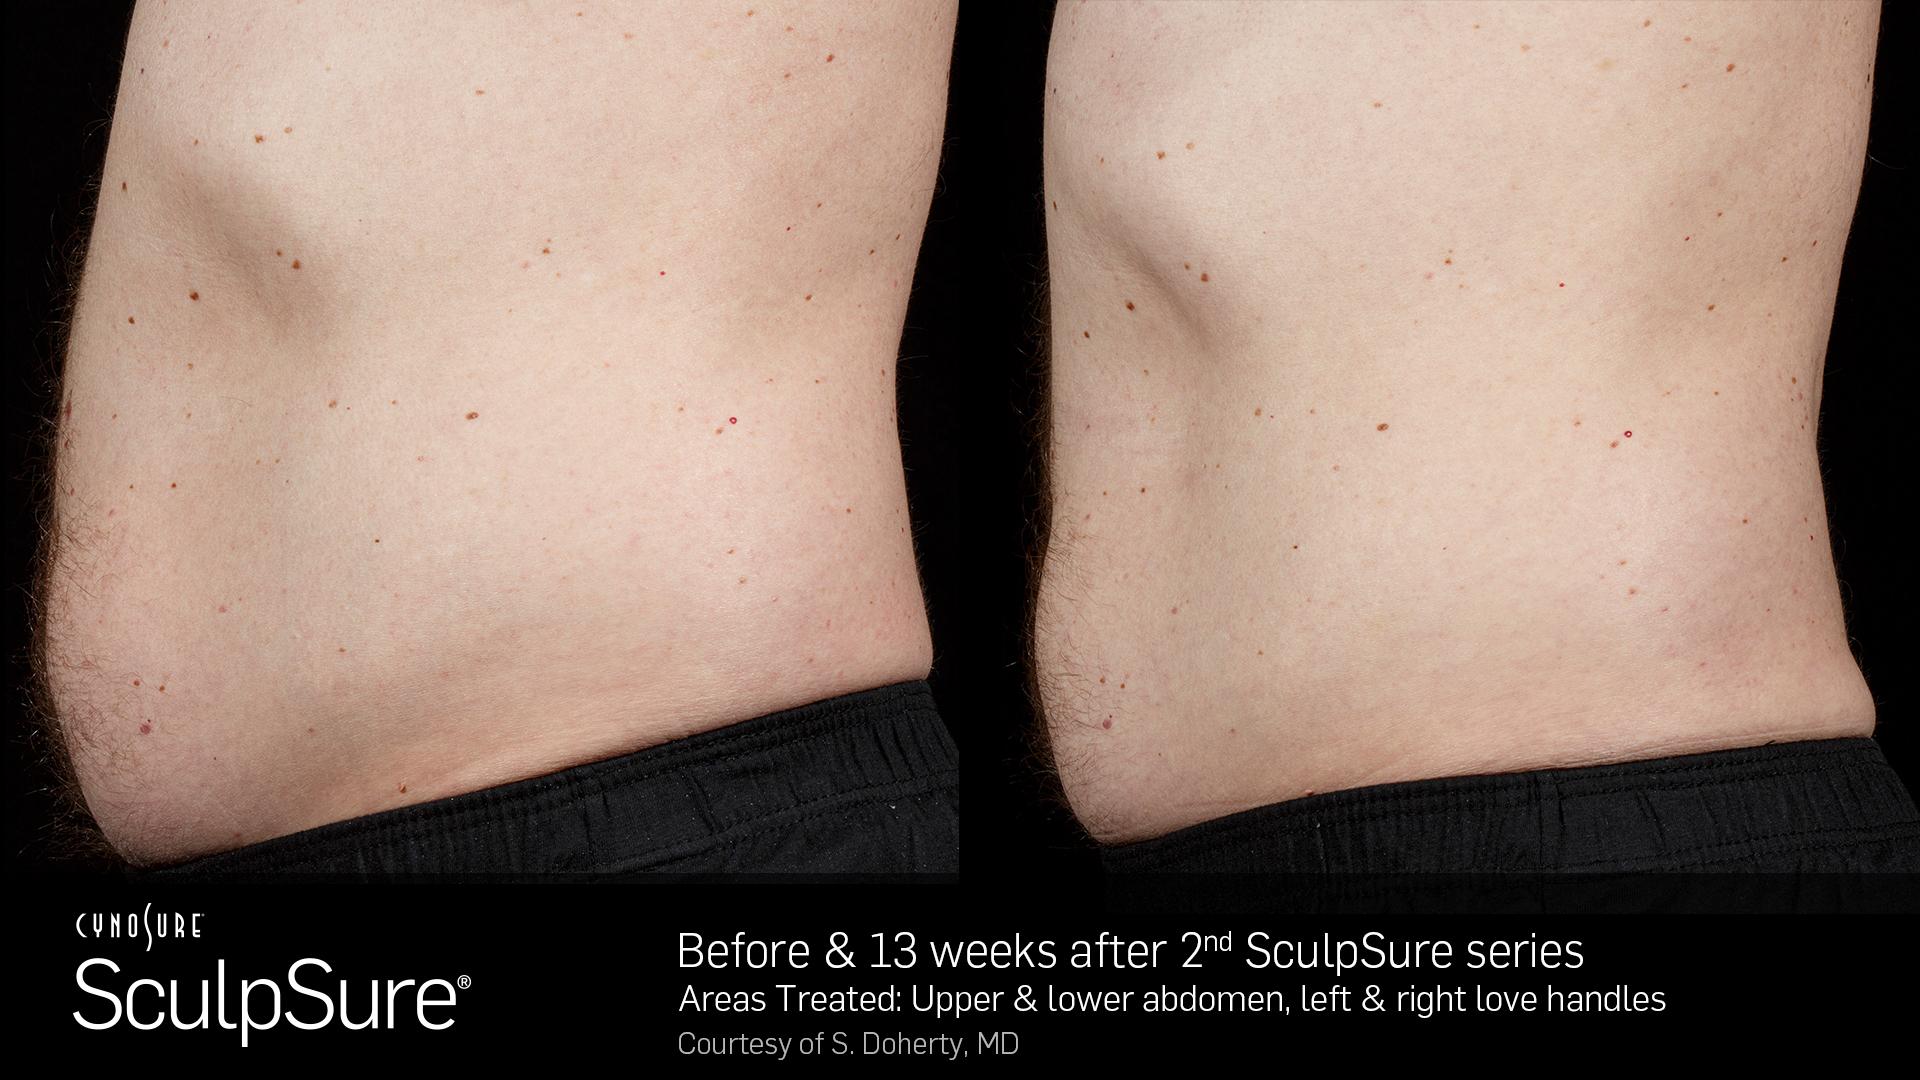 SculpSureBefore&After_SidebySide_Male4.jpg